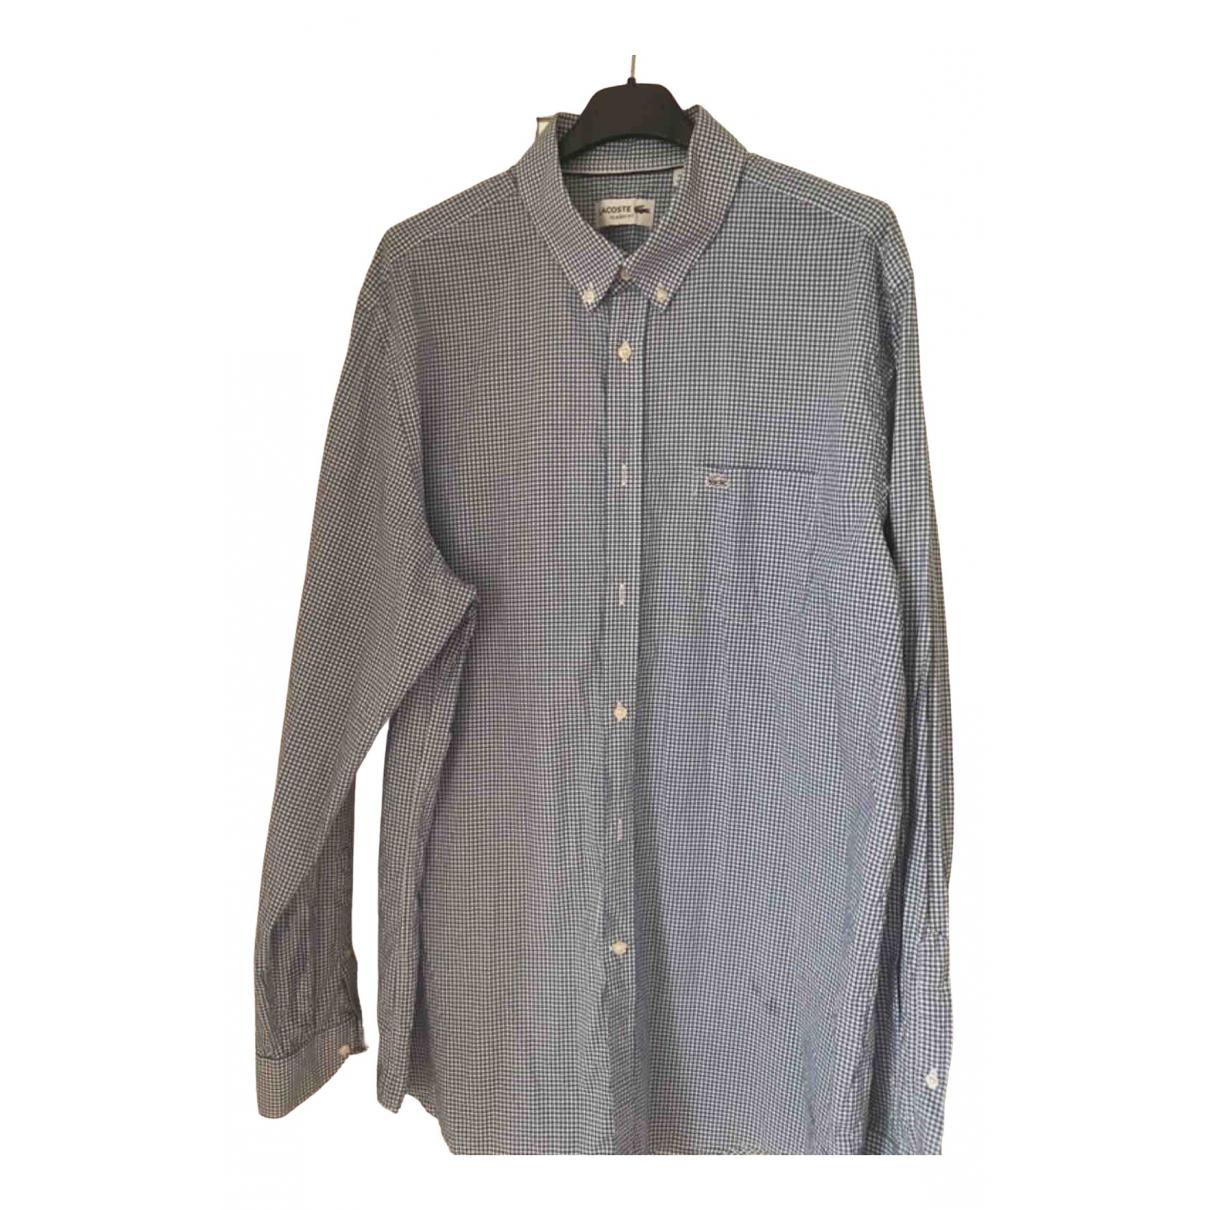 Lacoste \N Blue Cotton Shirts for Men 42 EU (tour de cou / collar)